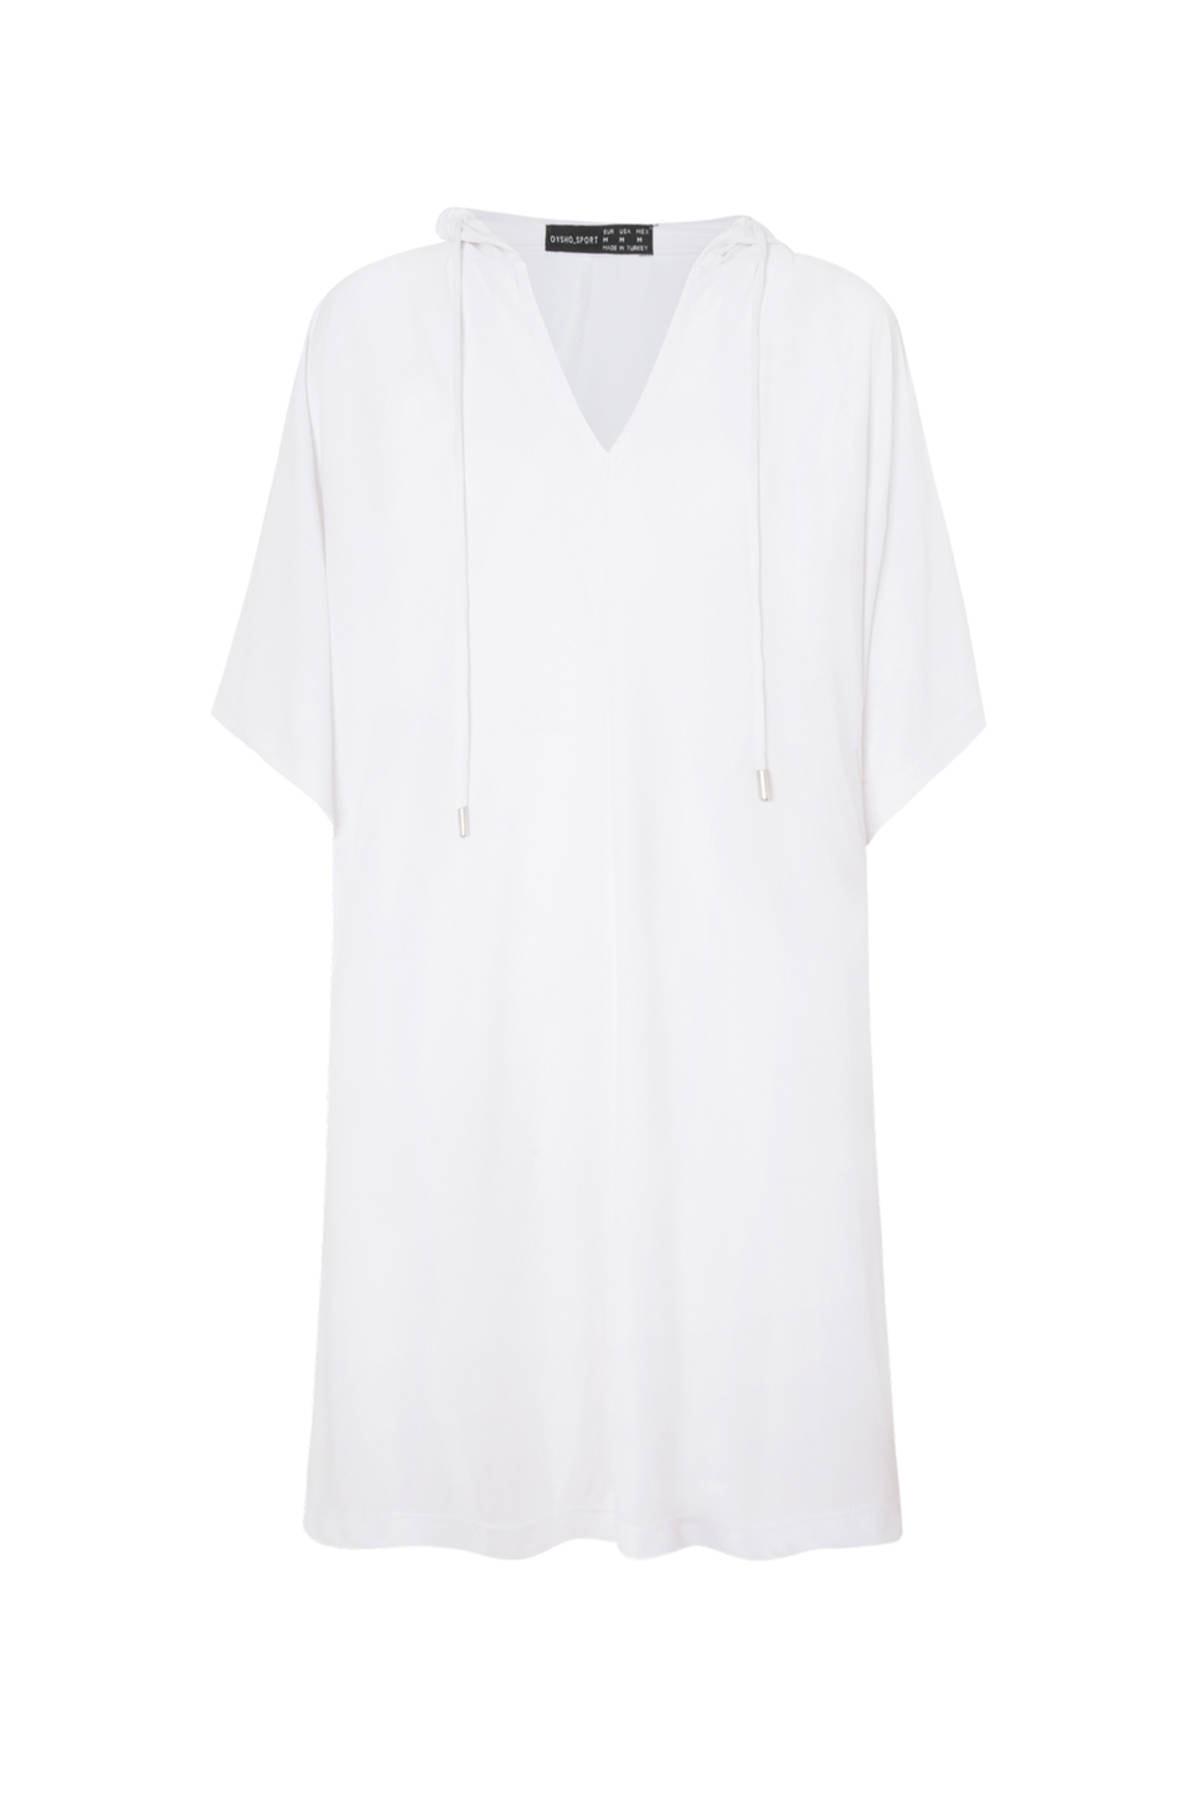 Oysho Kadın Beyaz Panço Tarzı Oversize Modal Sweatshirt 4